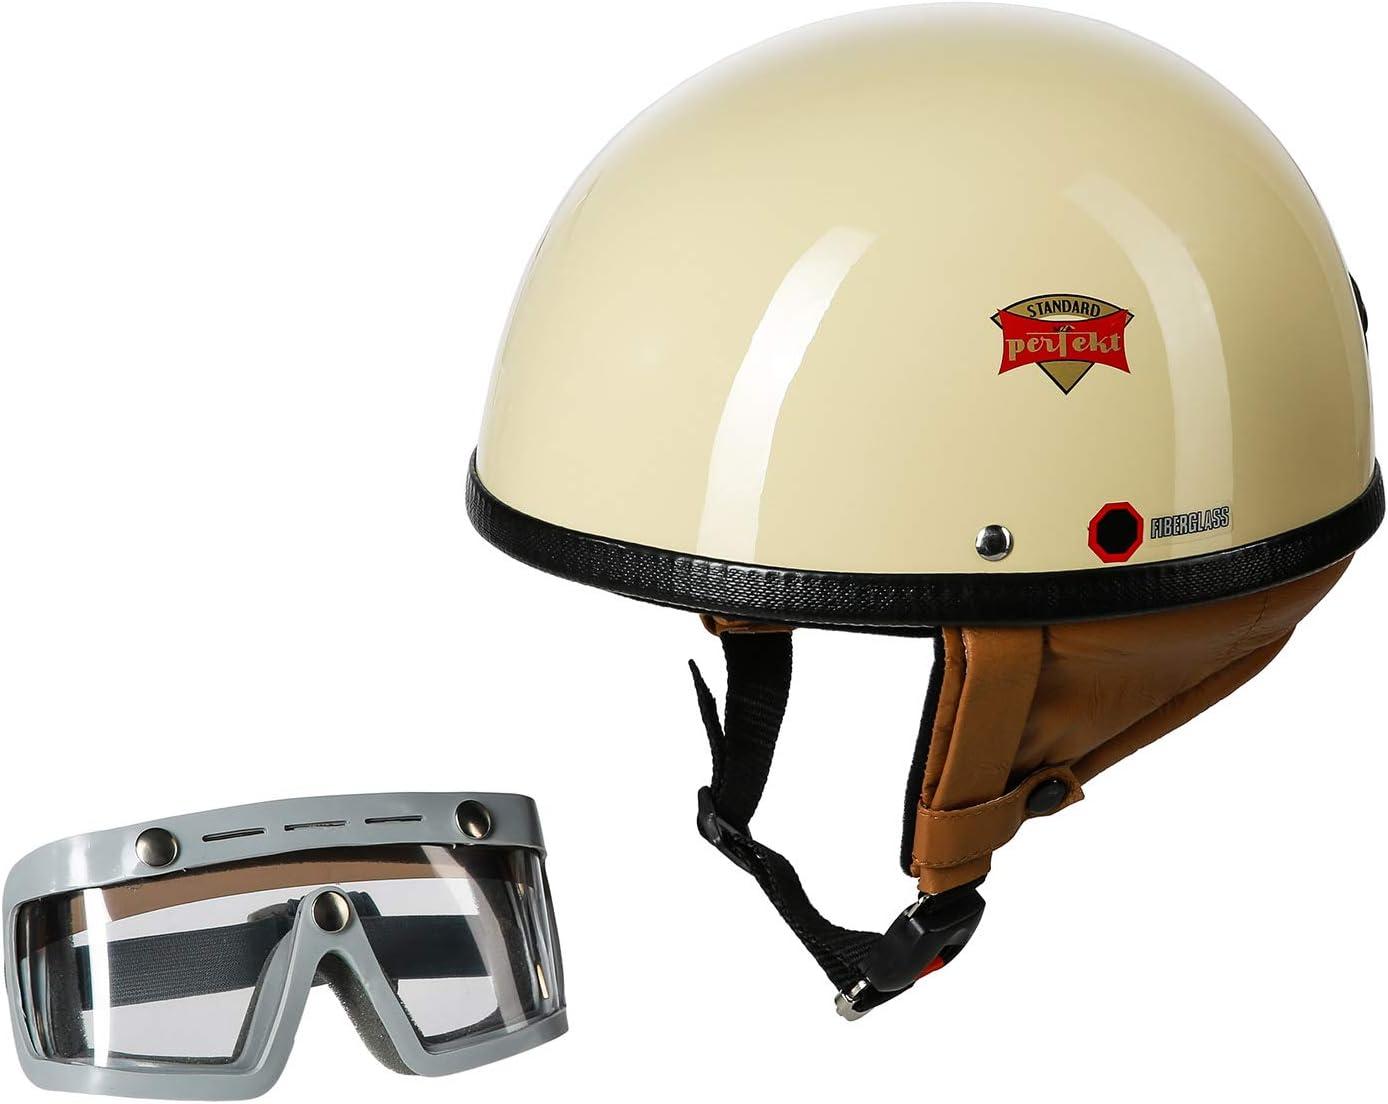 Set Schutzhelm Perfekt Modell P 500 Elfenbein Größe M 57 58cm Mit Ddr Schutzbrille Sportura Auto